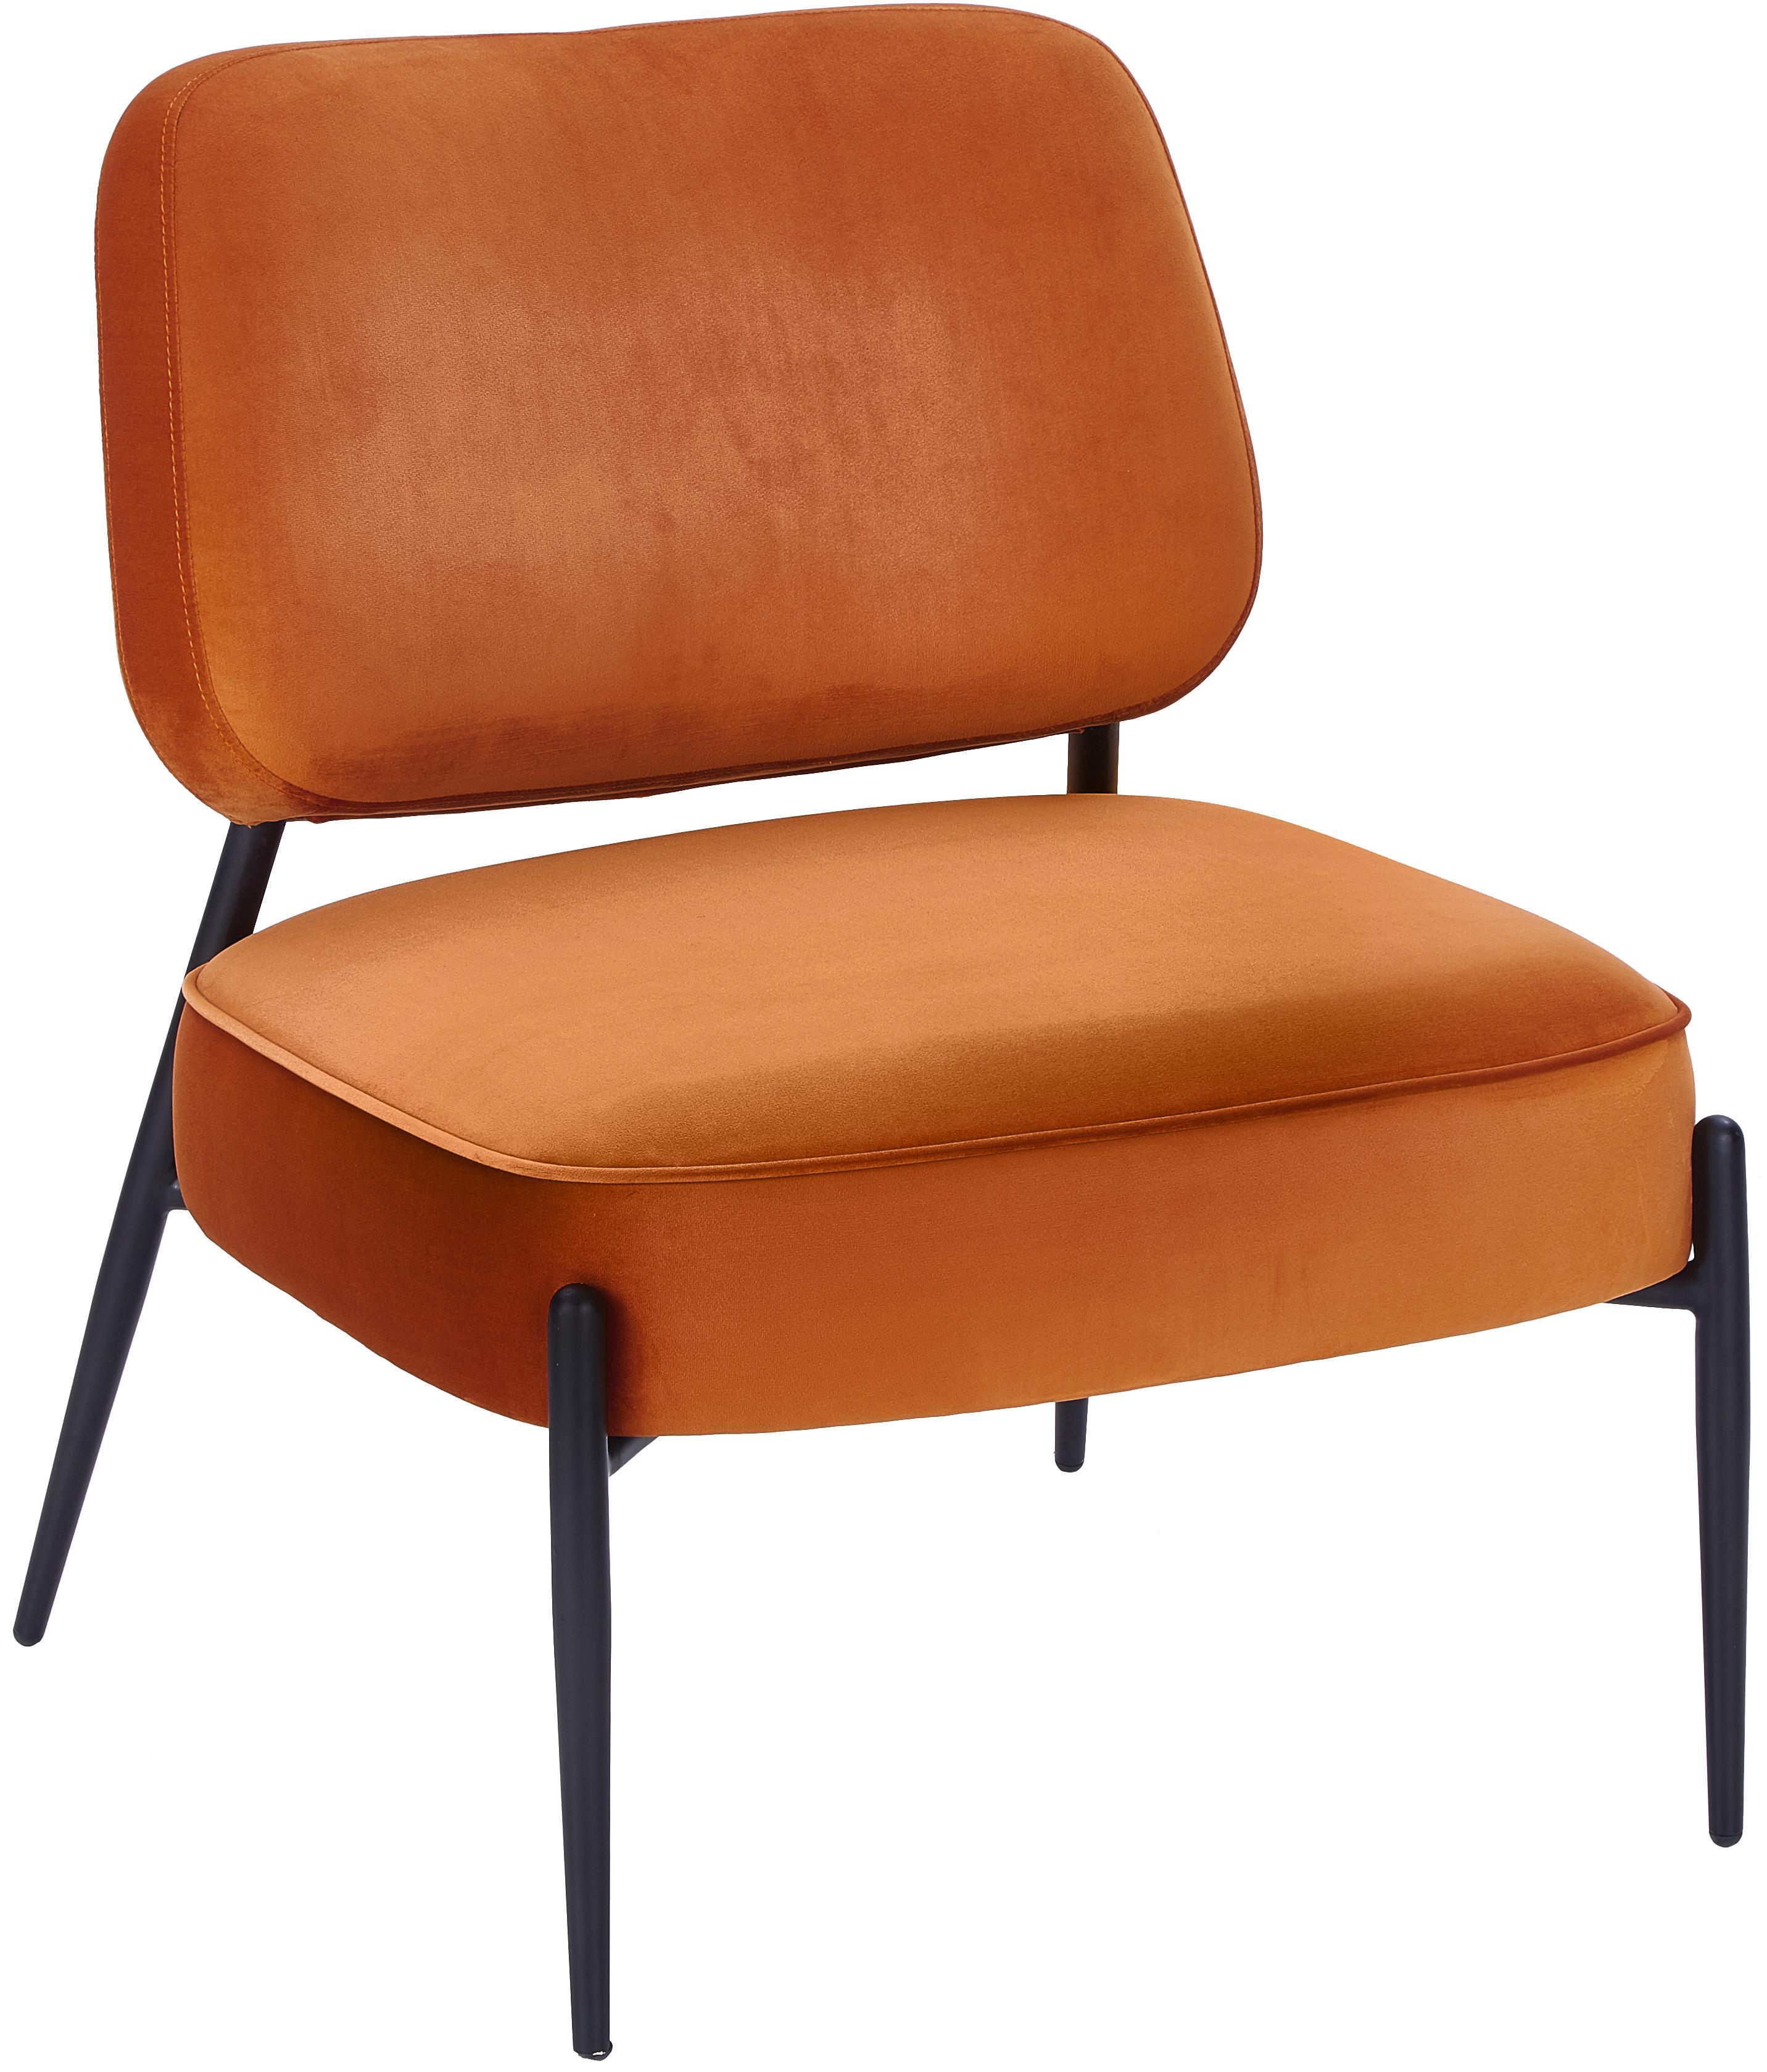 Sillón de terciopelo Viggo, Tapizado: terciopelo (poliéster) Re, Patas: metal con pintura en polv, Terciopelo naranja, An 62 x F 67 cm